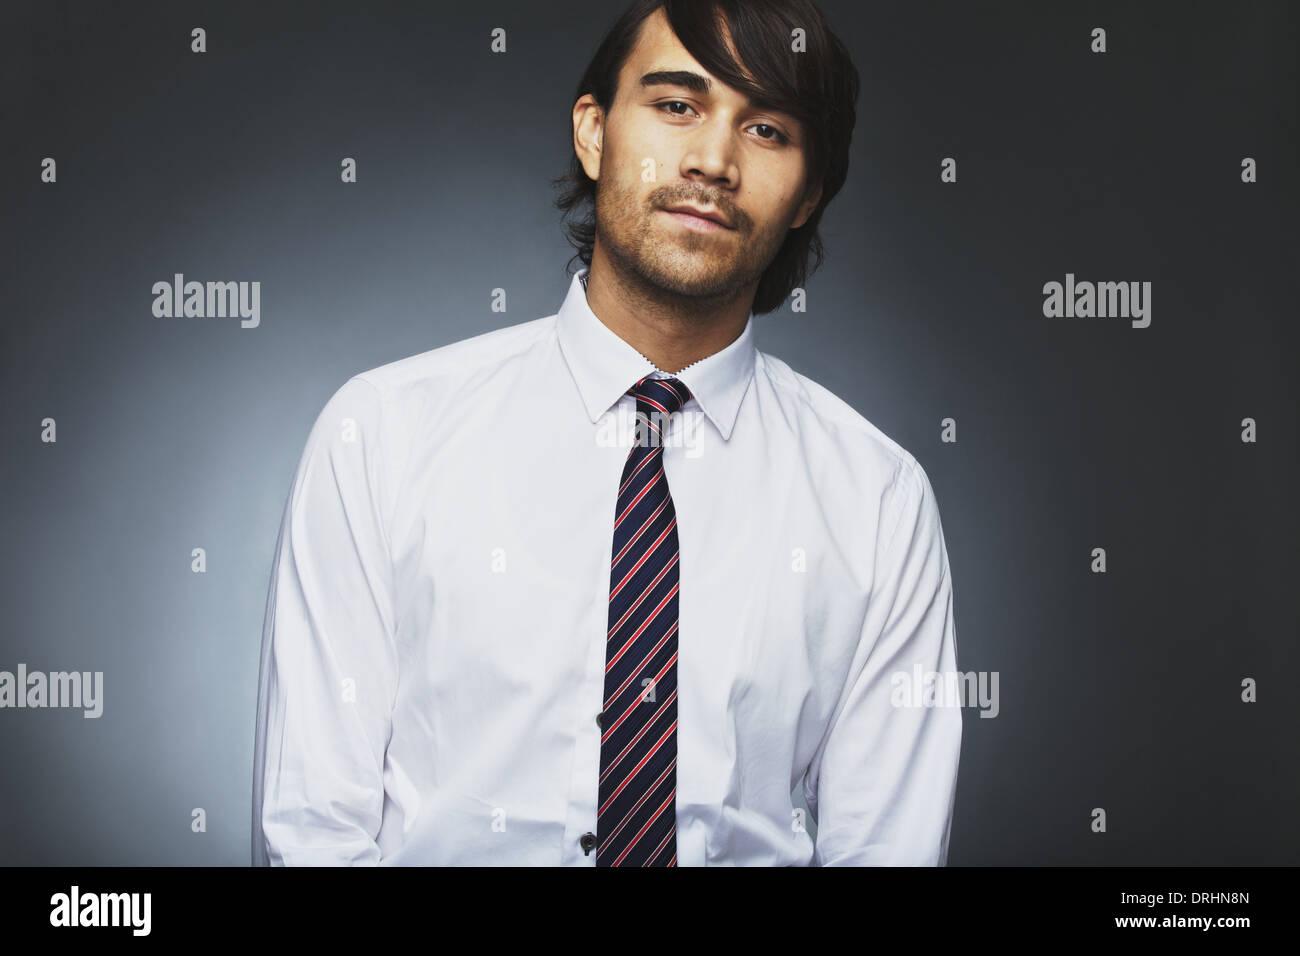 Retrato de joven apuesto macho ejecutivos de negocios, mirando a la cámara frente al fondo gris. Empresa joven asiática. Imagen De Stock